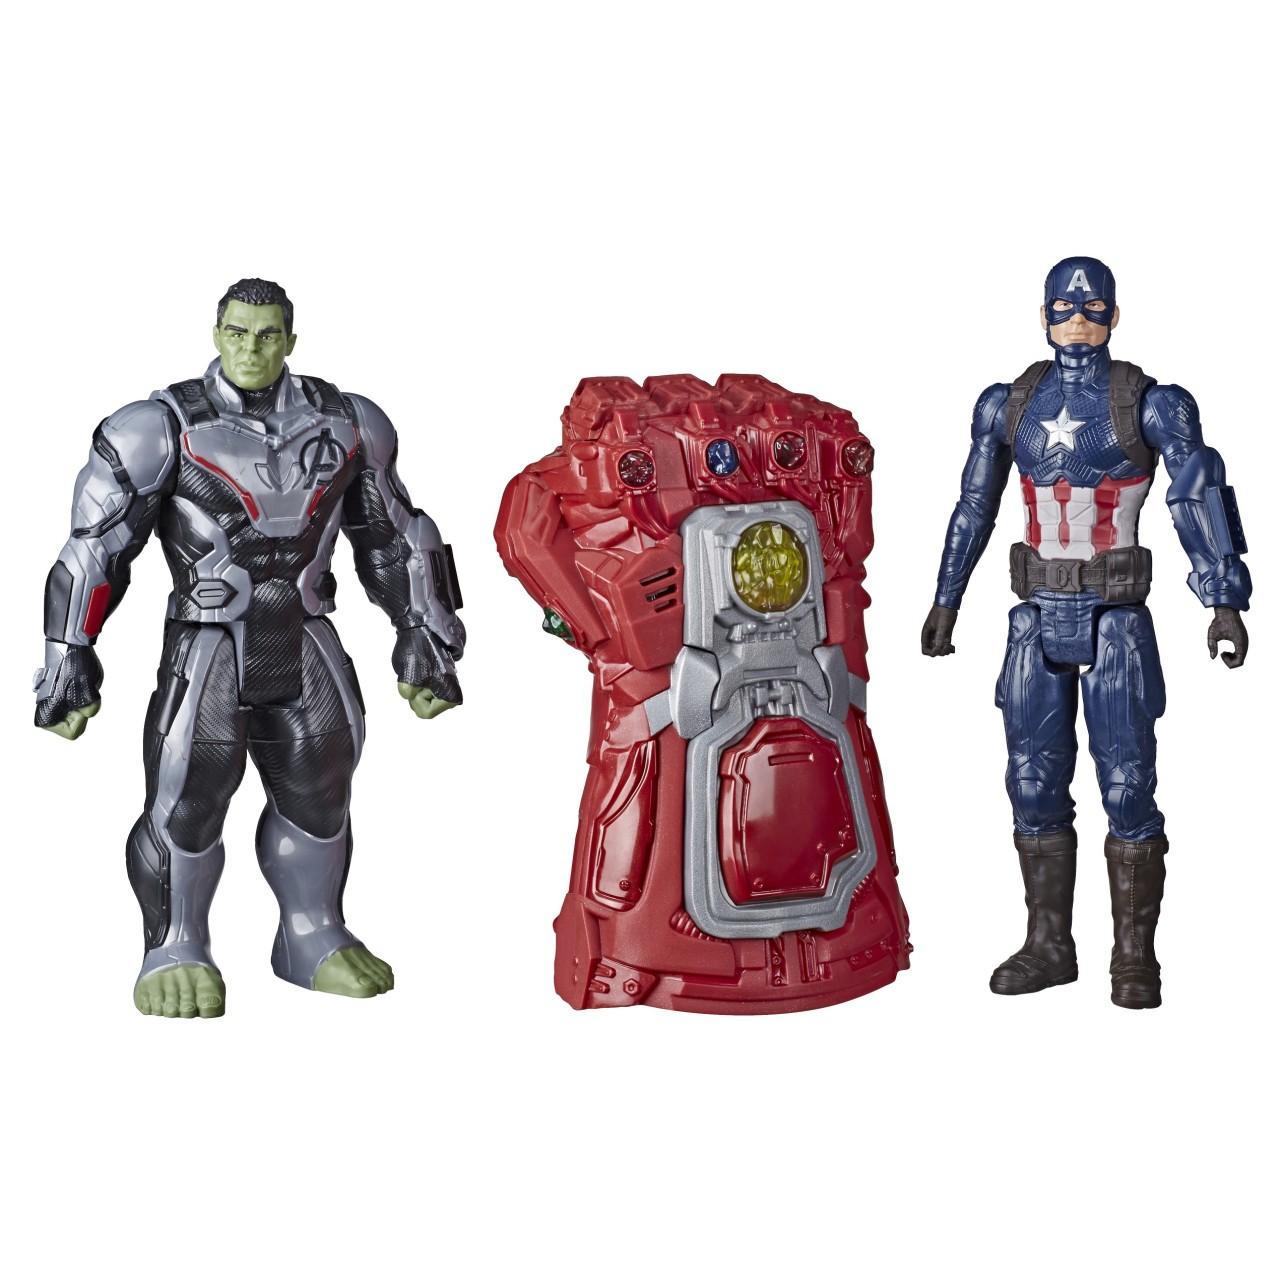 """Интерактивный набор: Халк, Капитан Америка и Рука-Перчатка Бесконечности """"Мстители: Завершение"""" от Hasbro"""